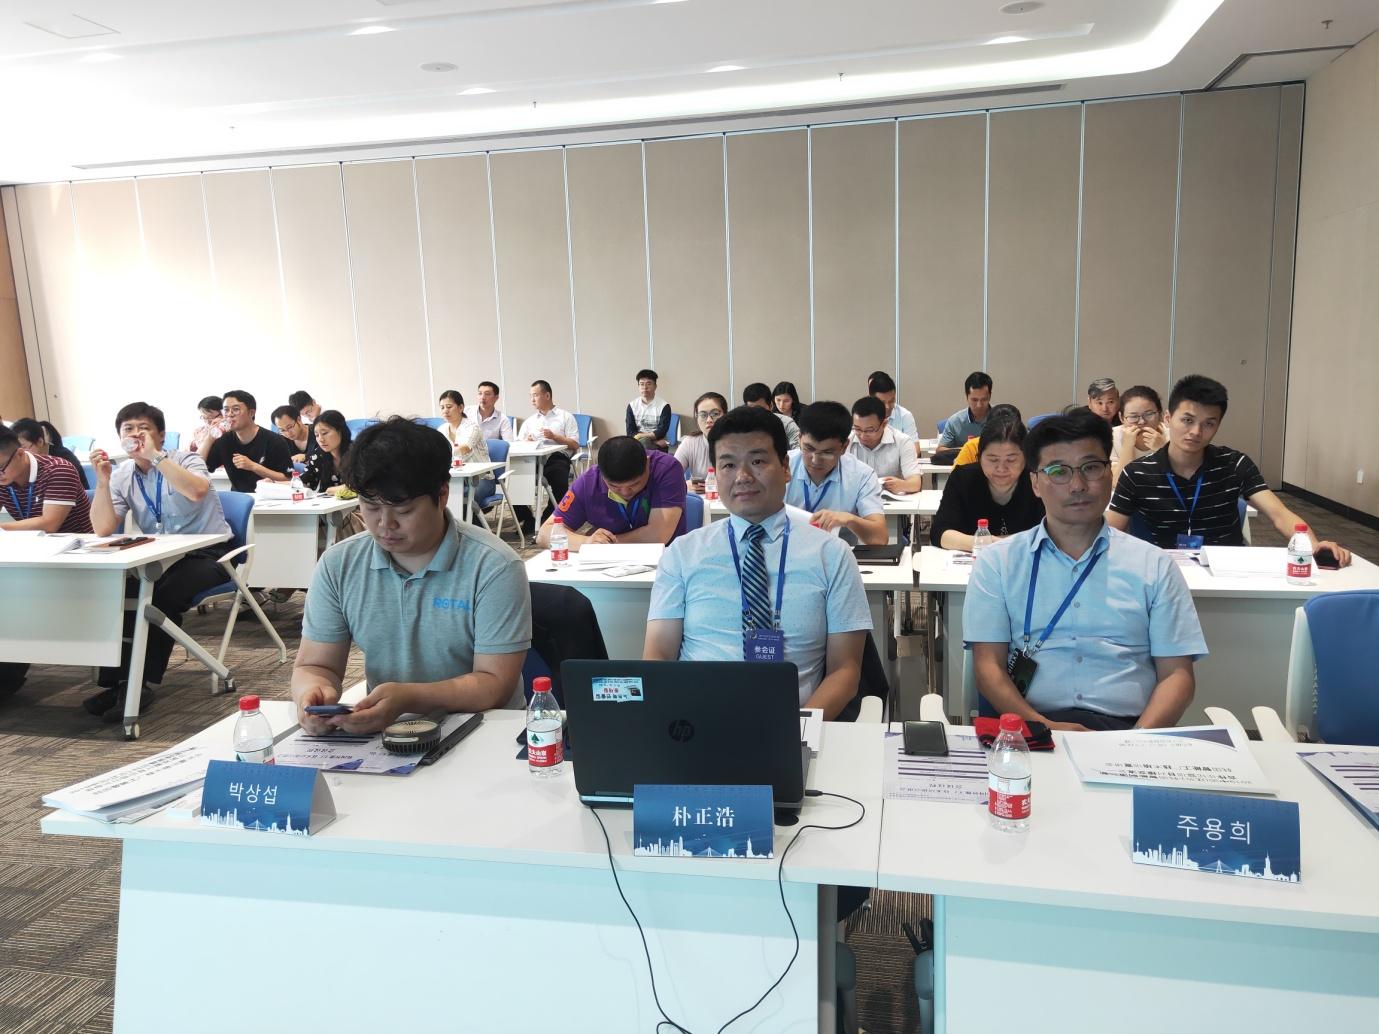 2019中国(江苏)-韩国智能工厂技术培训宣讲会召开